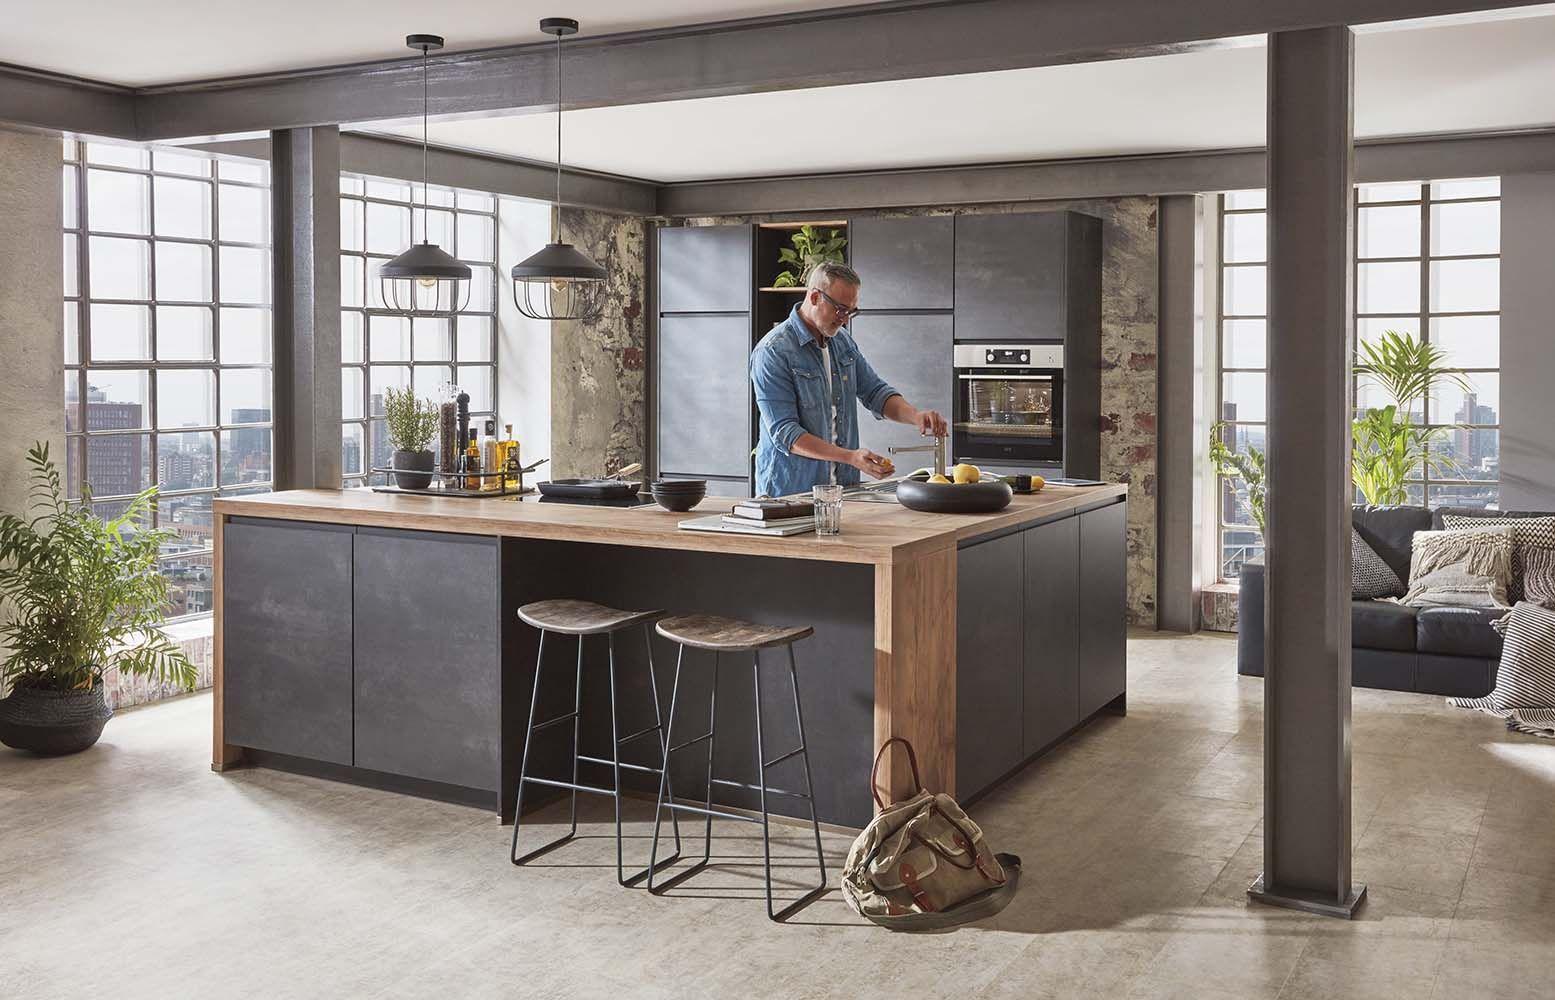 Küche im Industrie-Look#küche #interiordesign #beton #holz #thiex